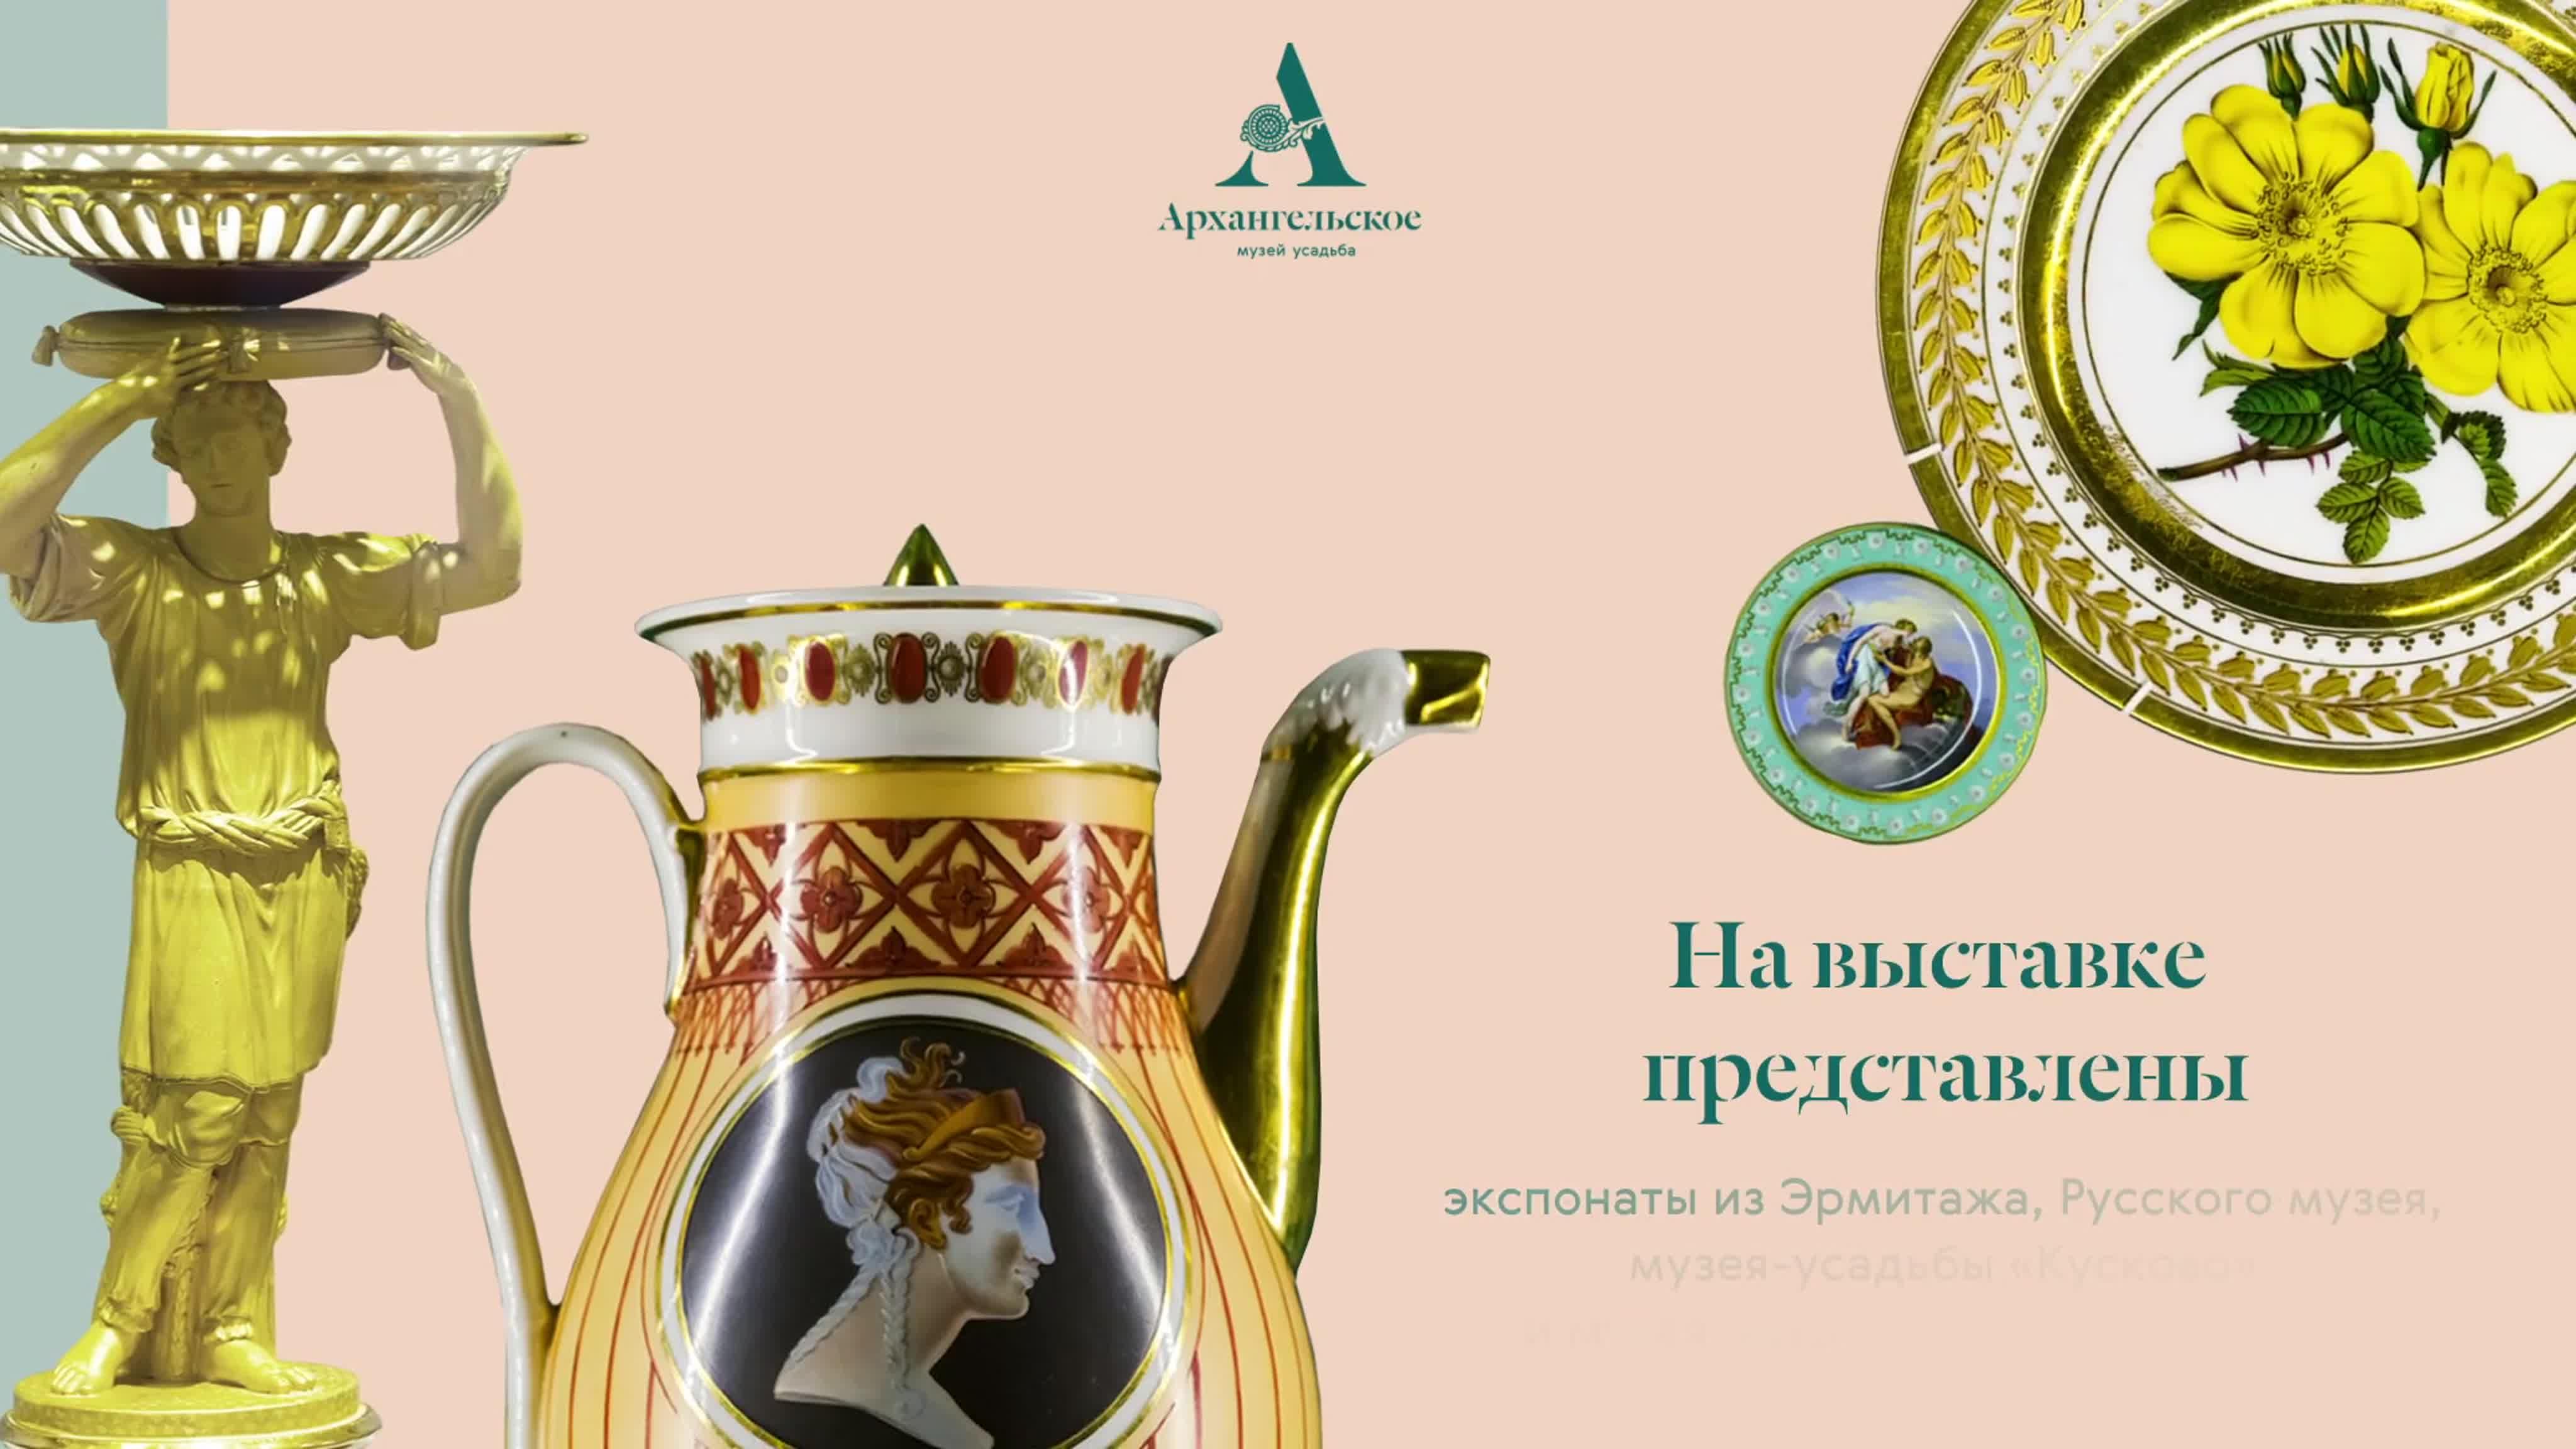 Сегодня мы хотим рассказать вам, как не заблудиться и не растеряться при посещении выставки юсуповского фарфора «Отражение изысканного вкуса».